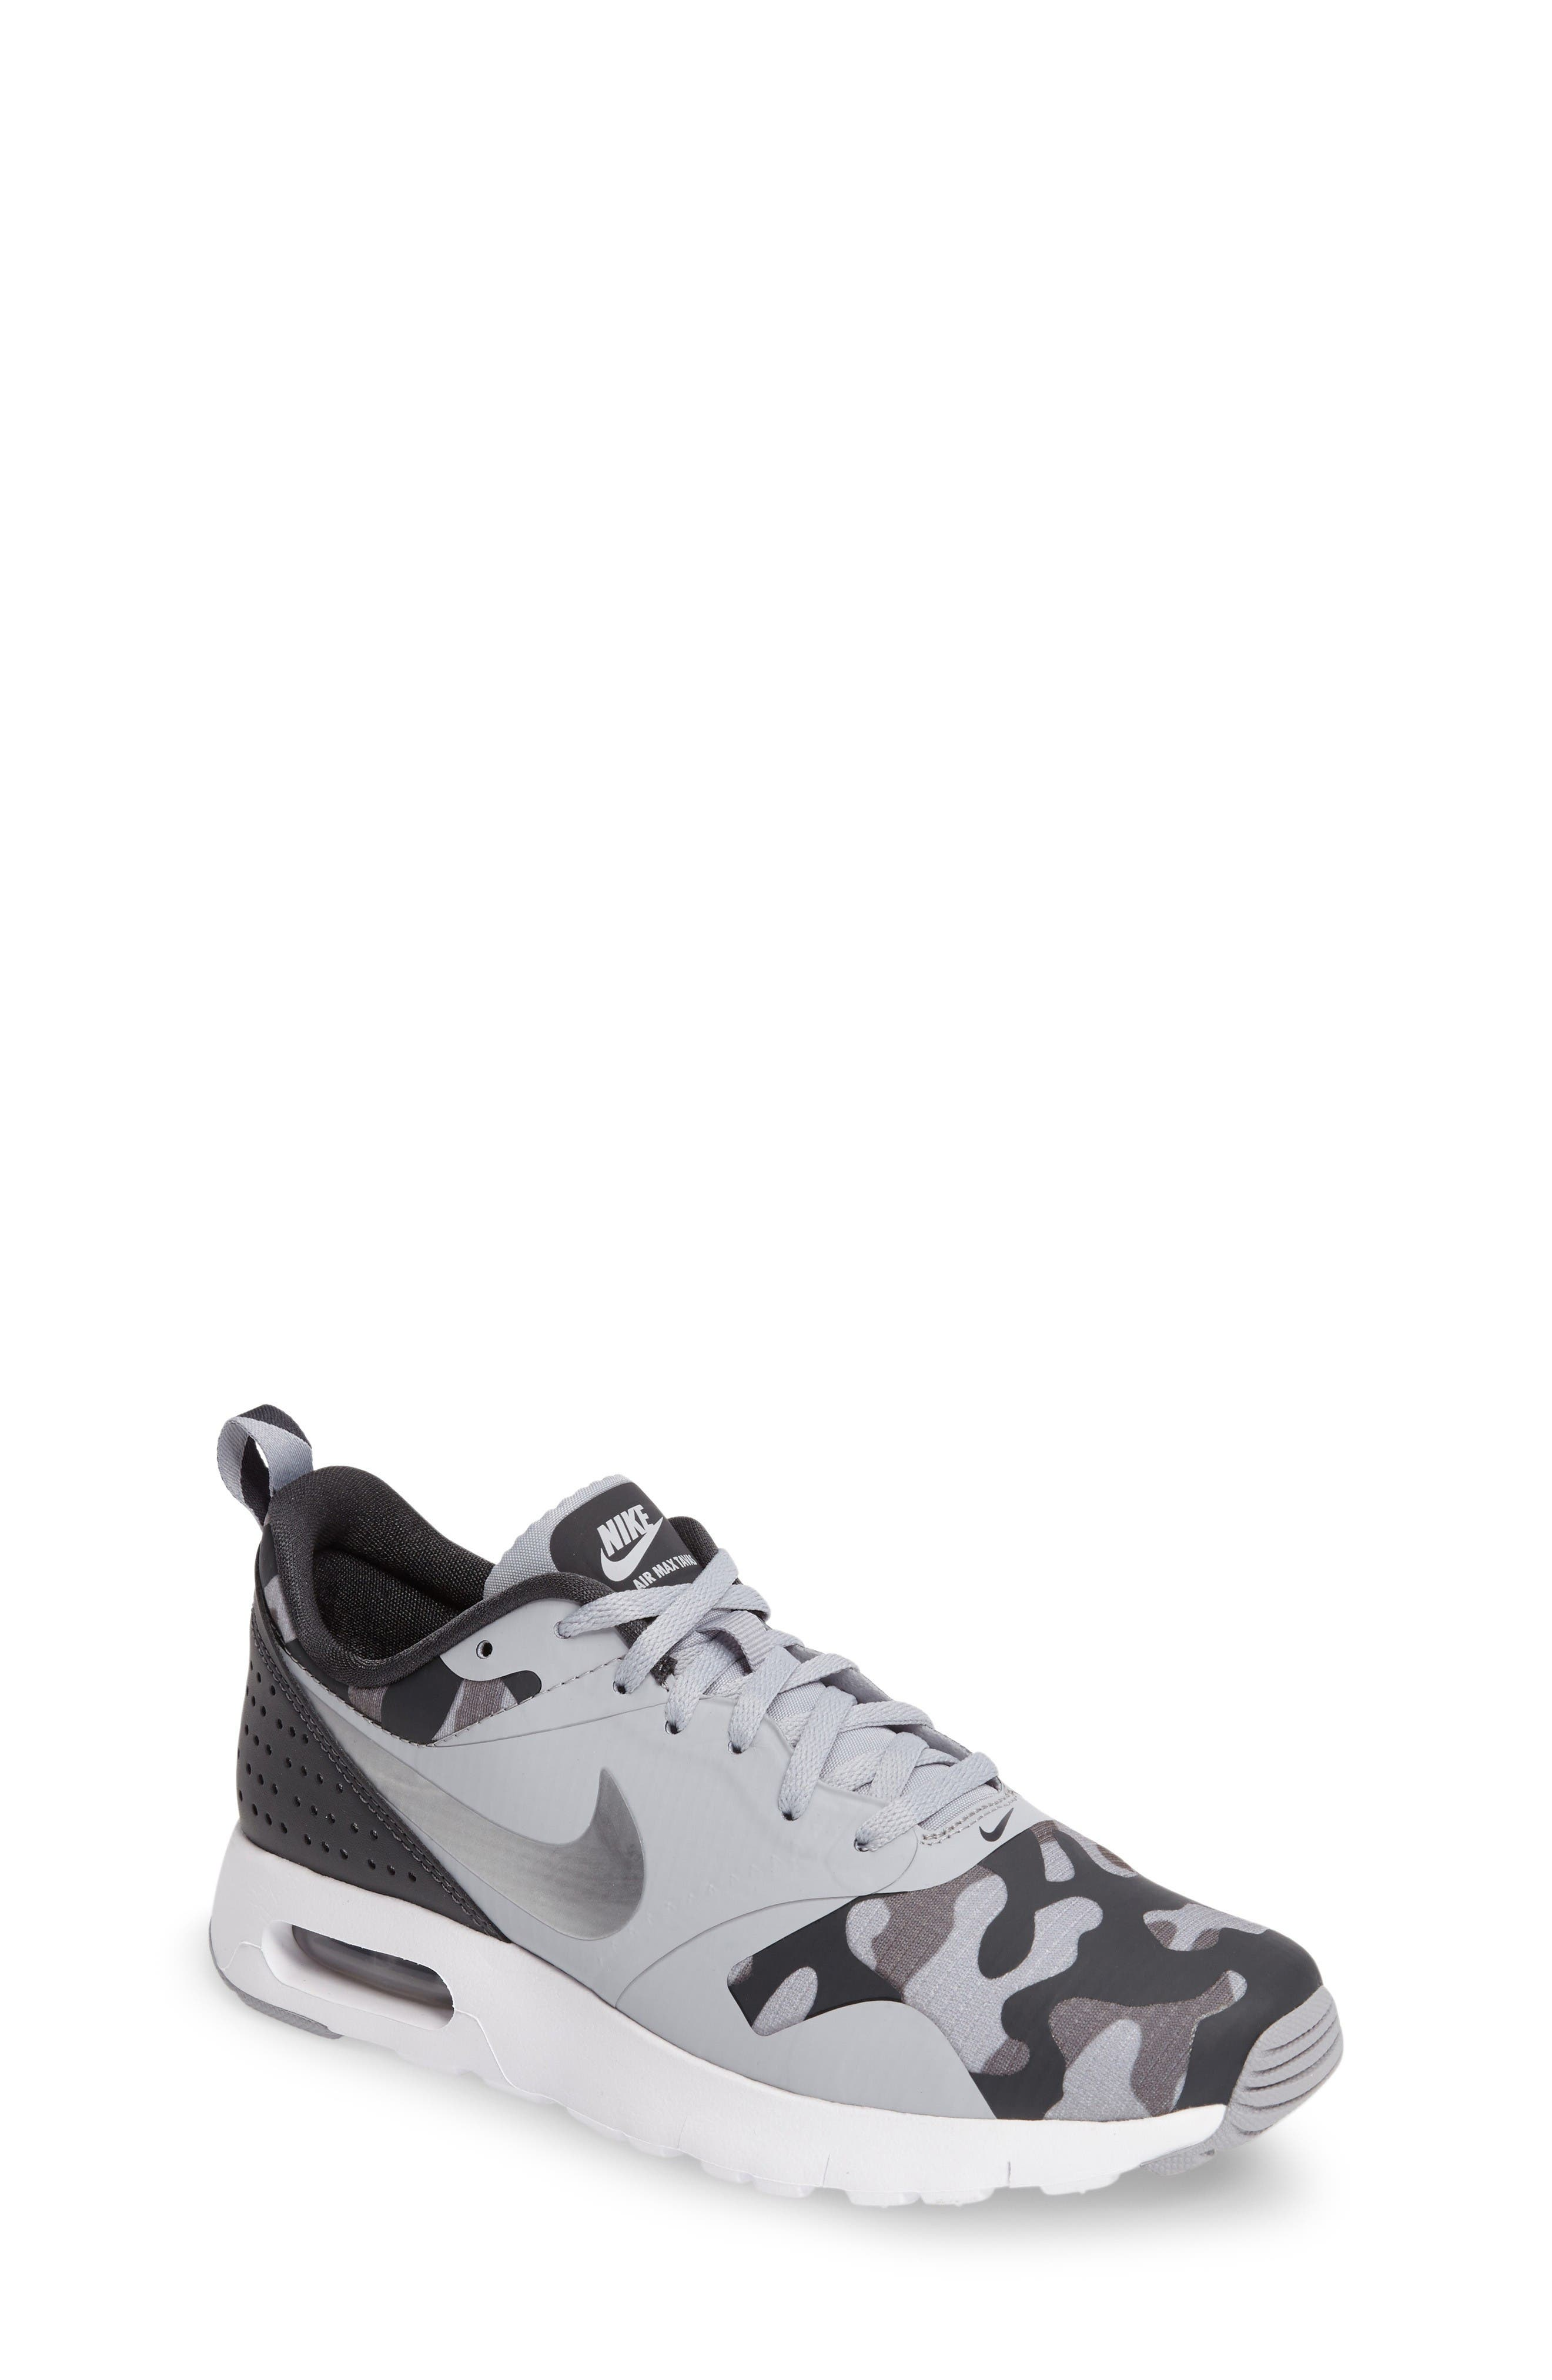 NIKE Air Max Tavas Sneaker